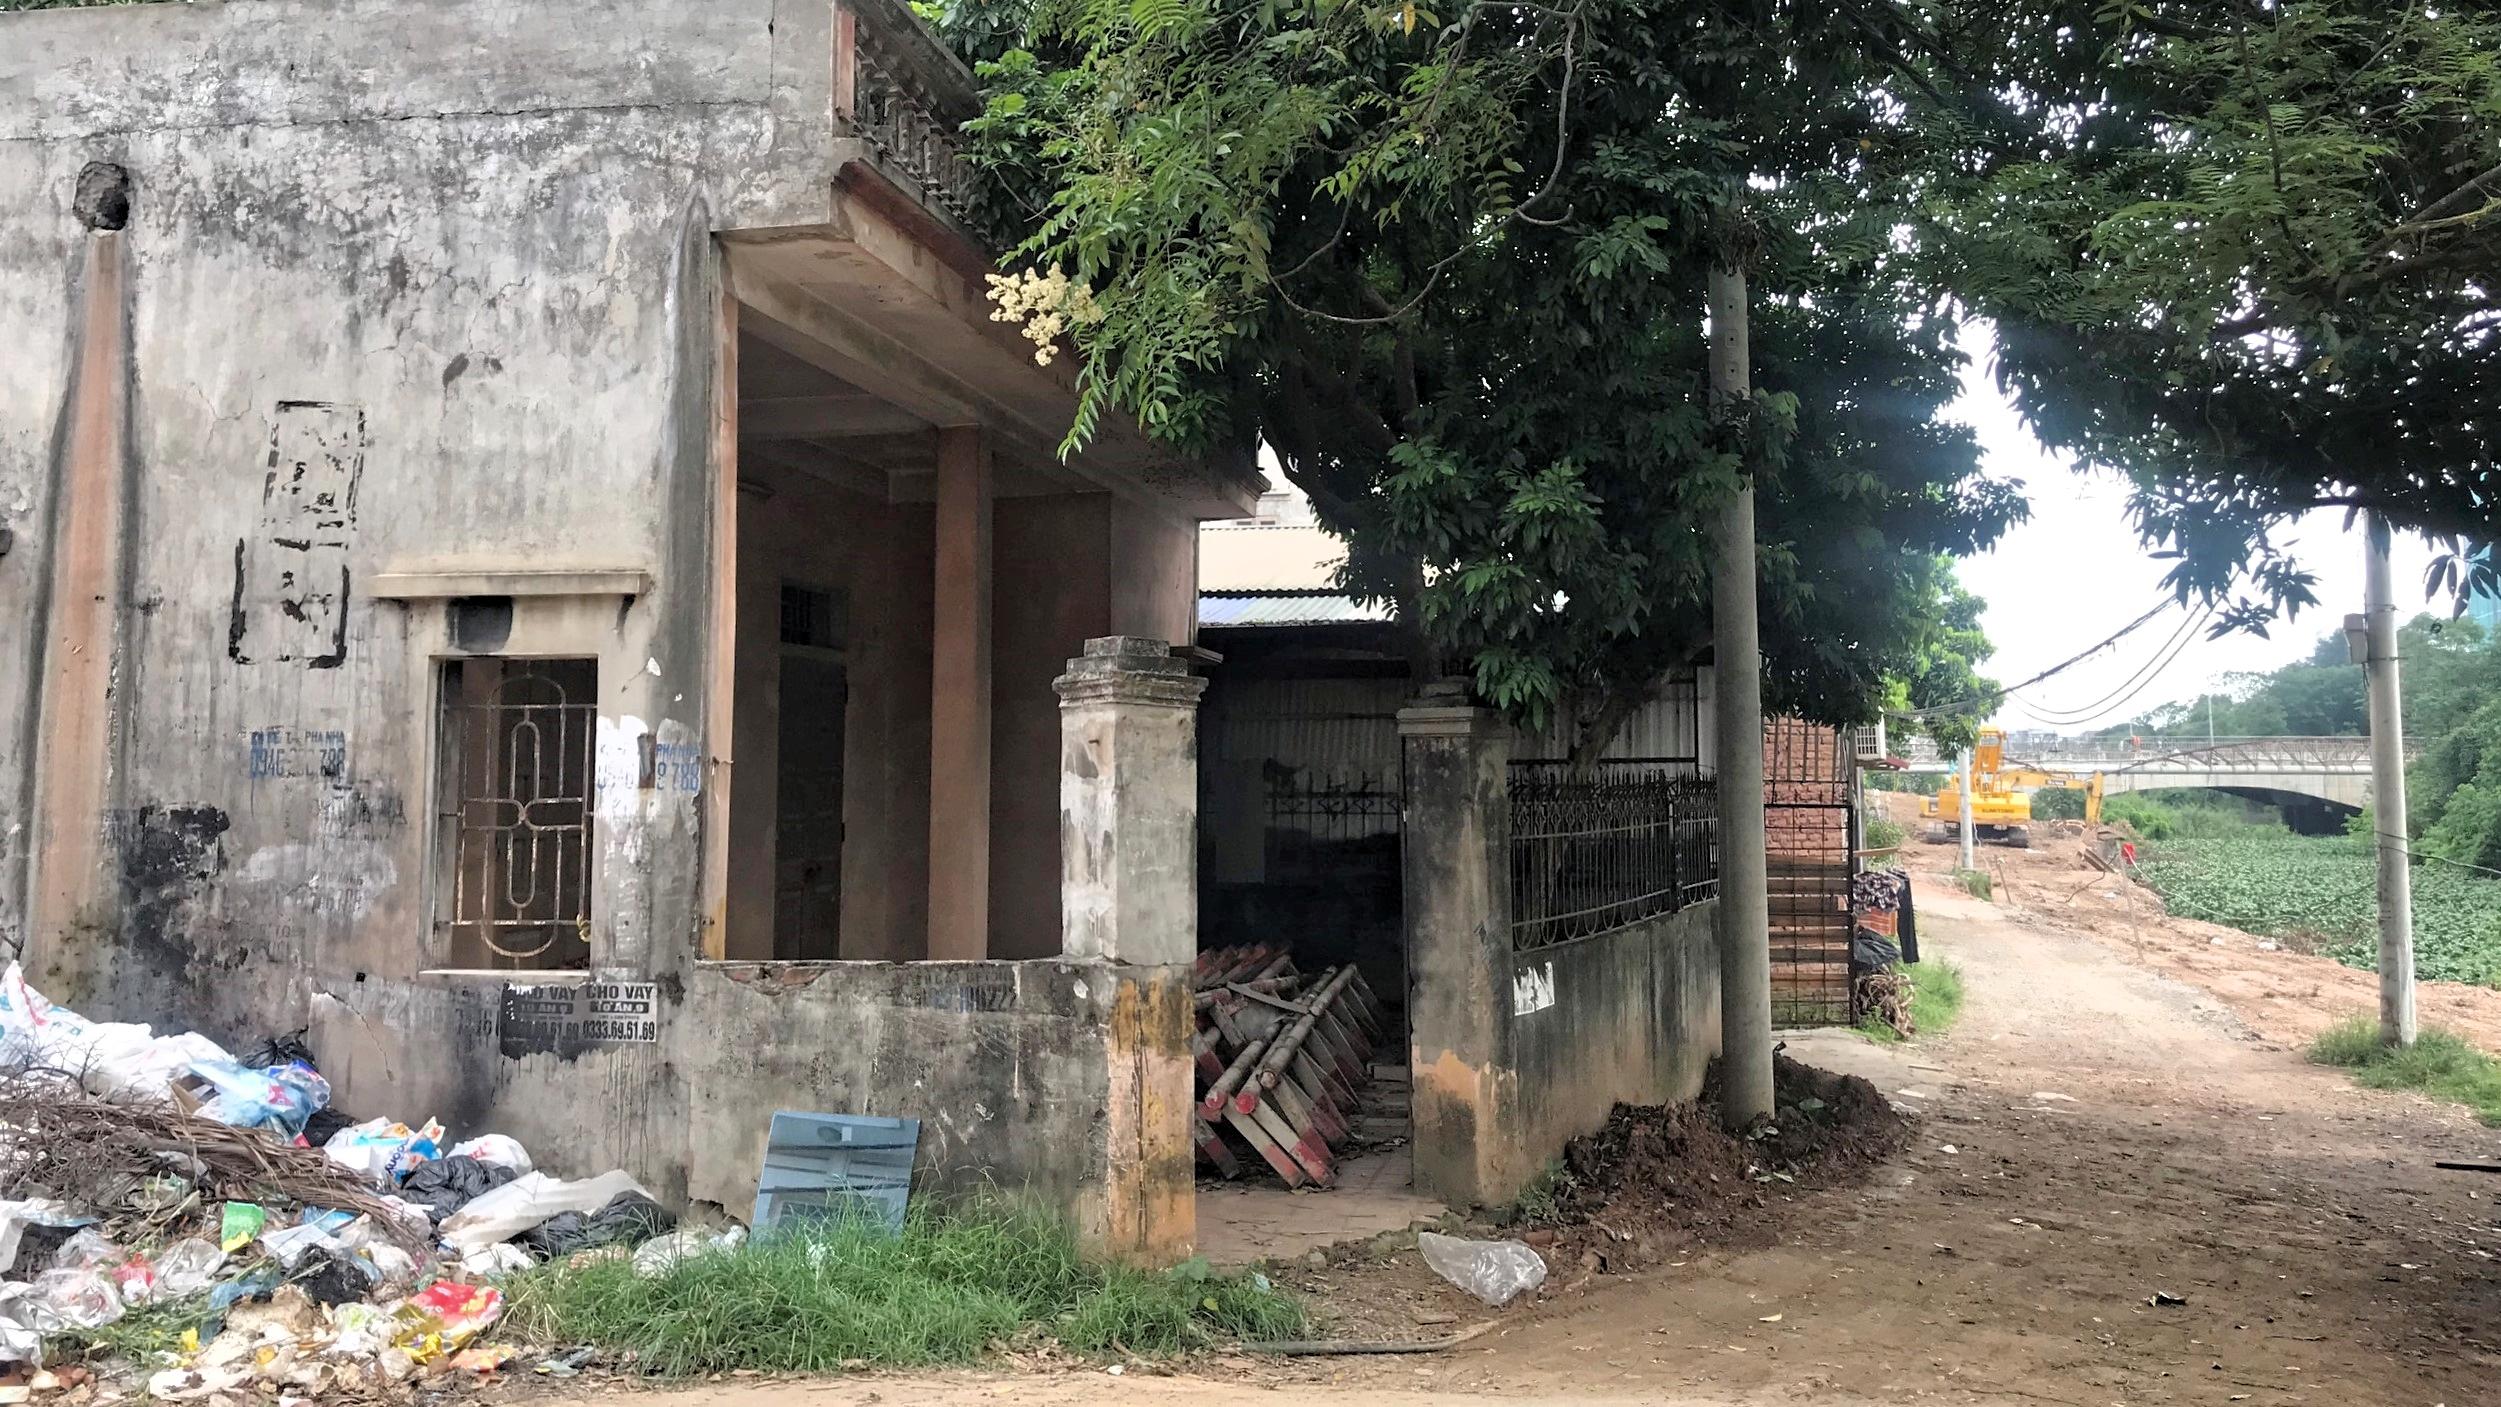 Đất dính qui hoạch ở phường Dương Nội, Hà Đông, Hà Nội - Ảnh 13.